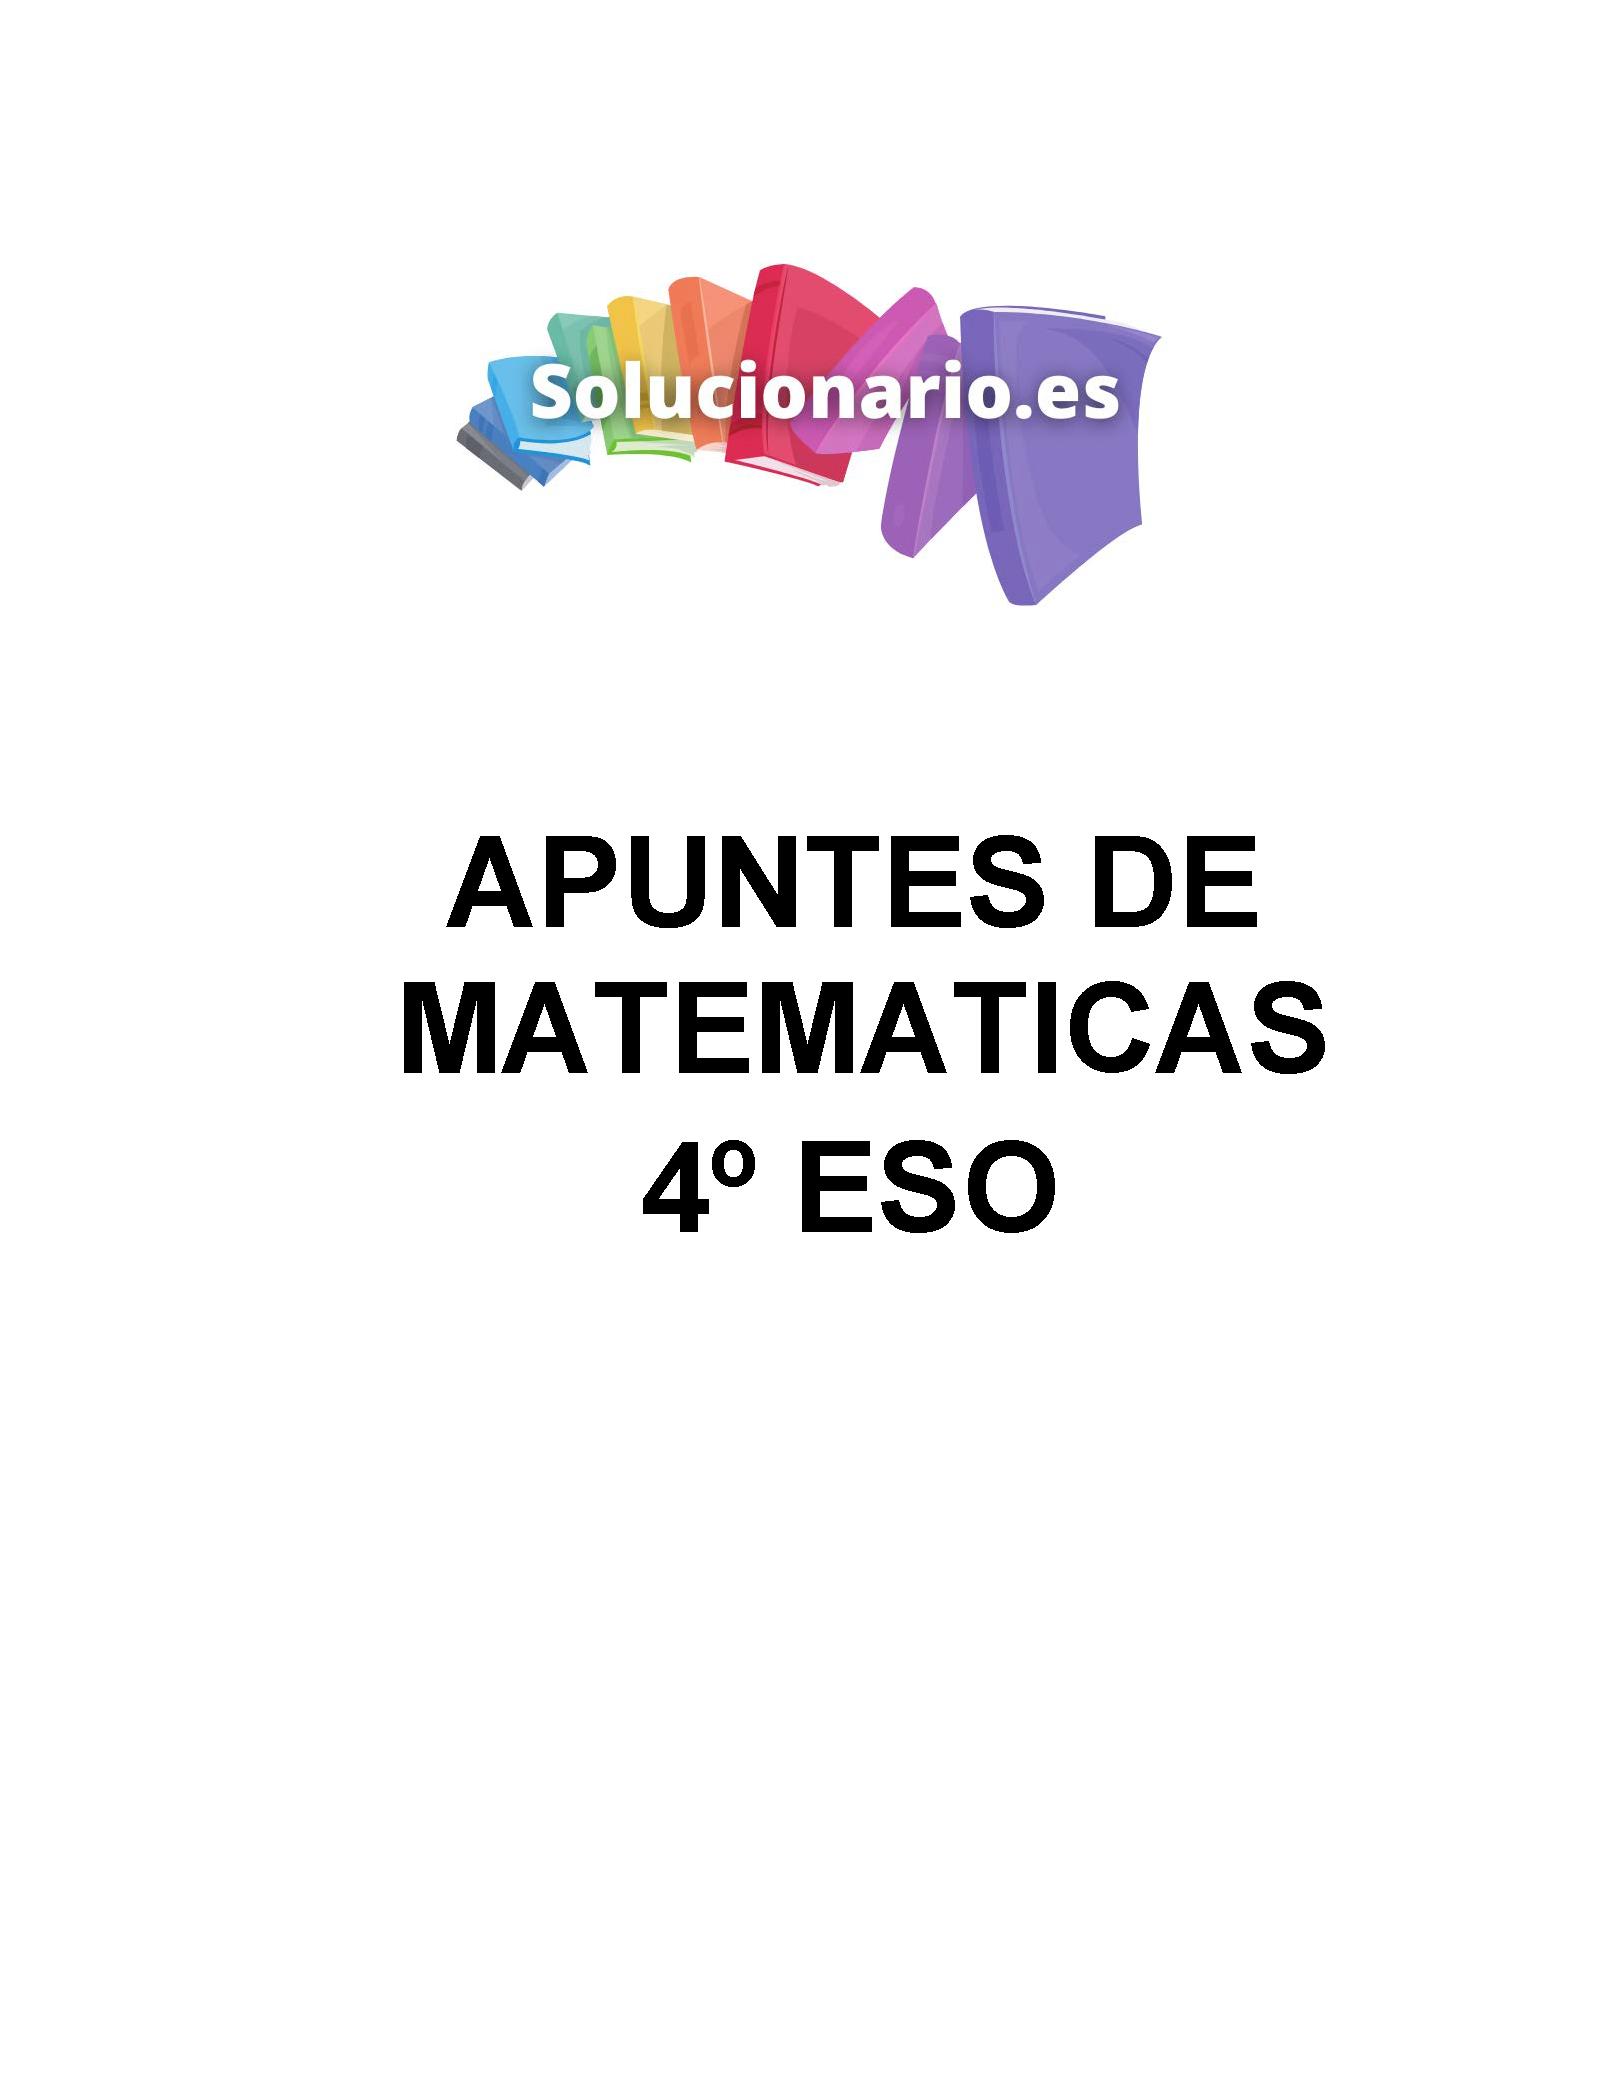 Apuntes Matemáticas Inecuaciones 4 ESO 2020 / 2021